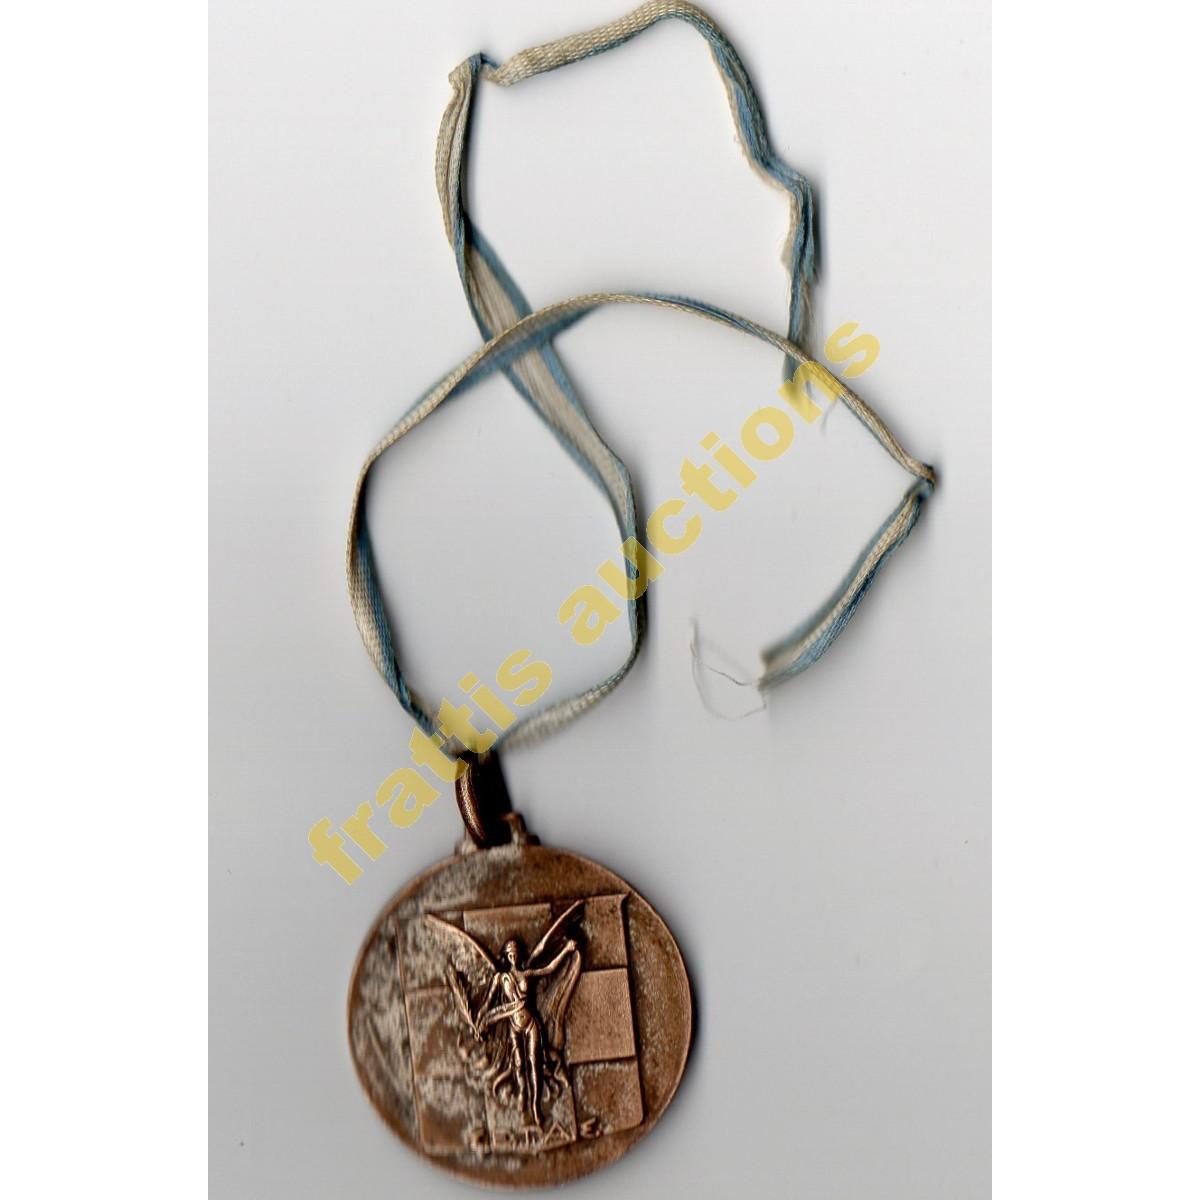 Επάργυρο μετάλιο SEGAS.